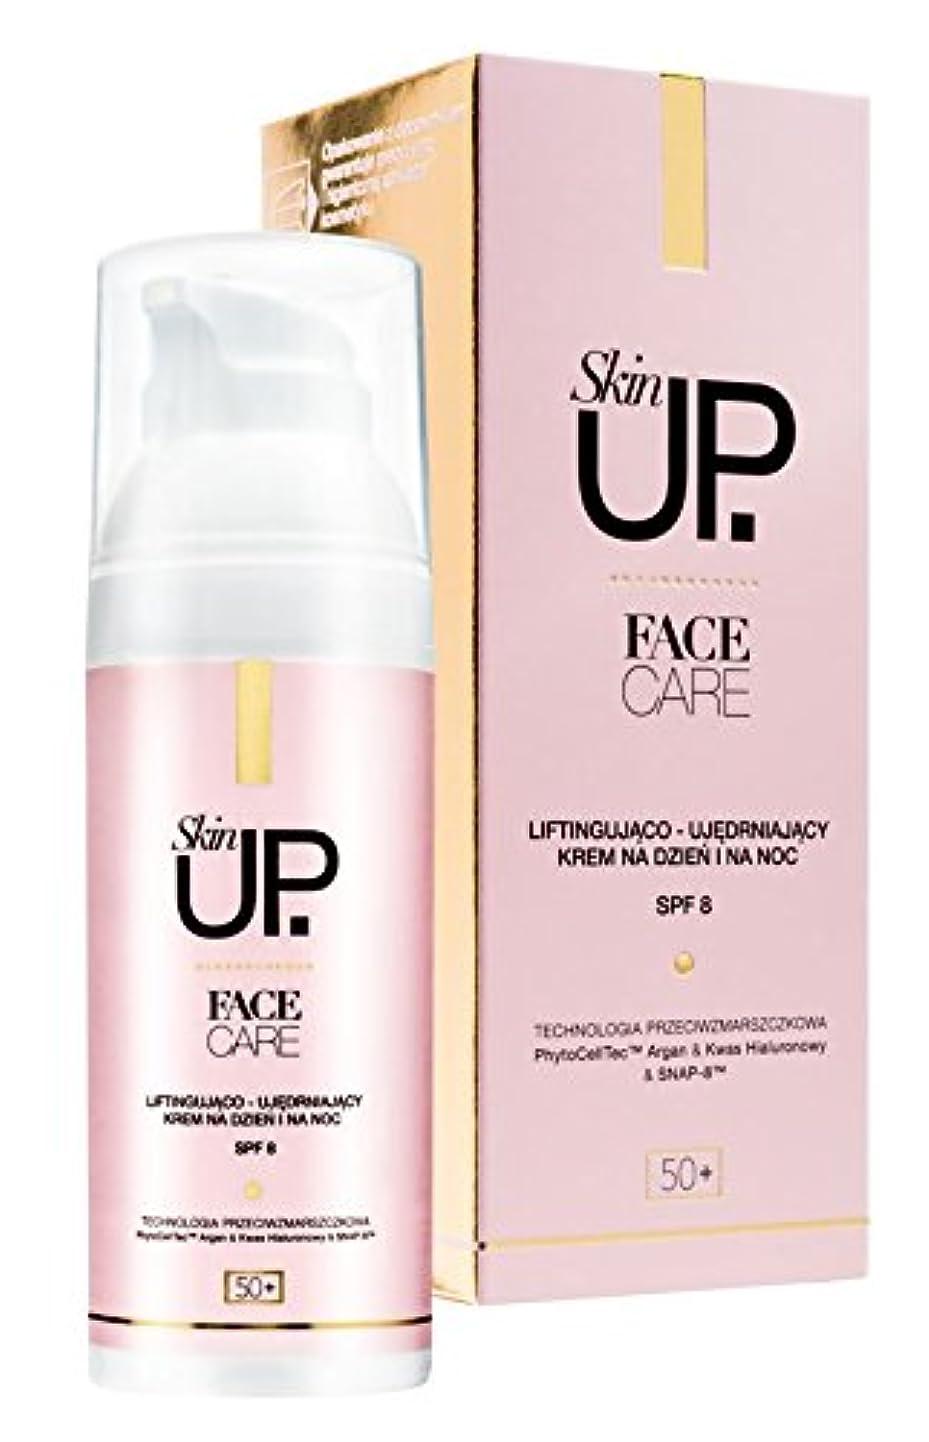 乱れポンド買収Skin UP(スキンアップ) SUフェイスクリームアドバンス 50mL 「植物幹細胞エキス+2種のヒアルロン酸+SNAP-8」配合 ベタつかない高保湿クリーム